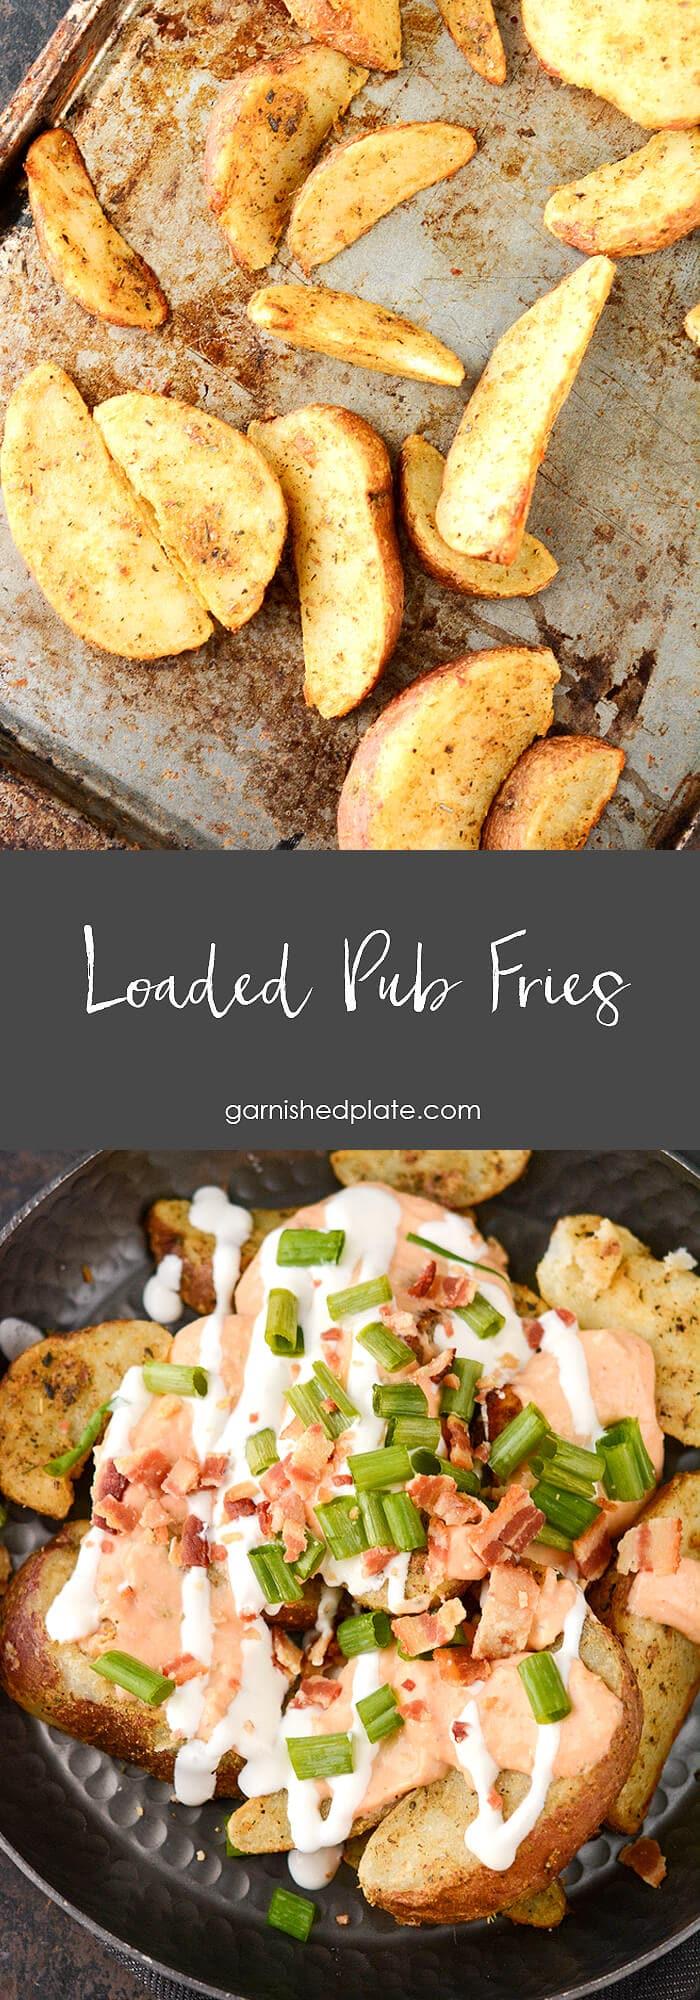 Loaded Pub Fries